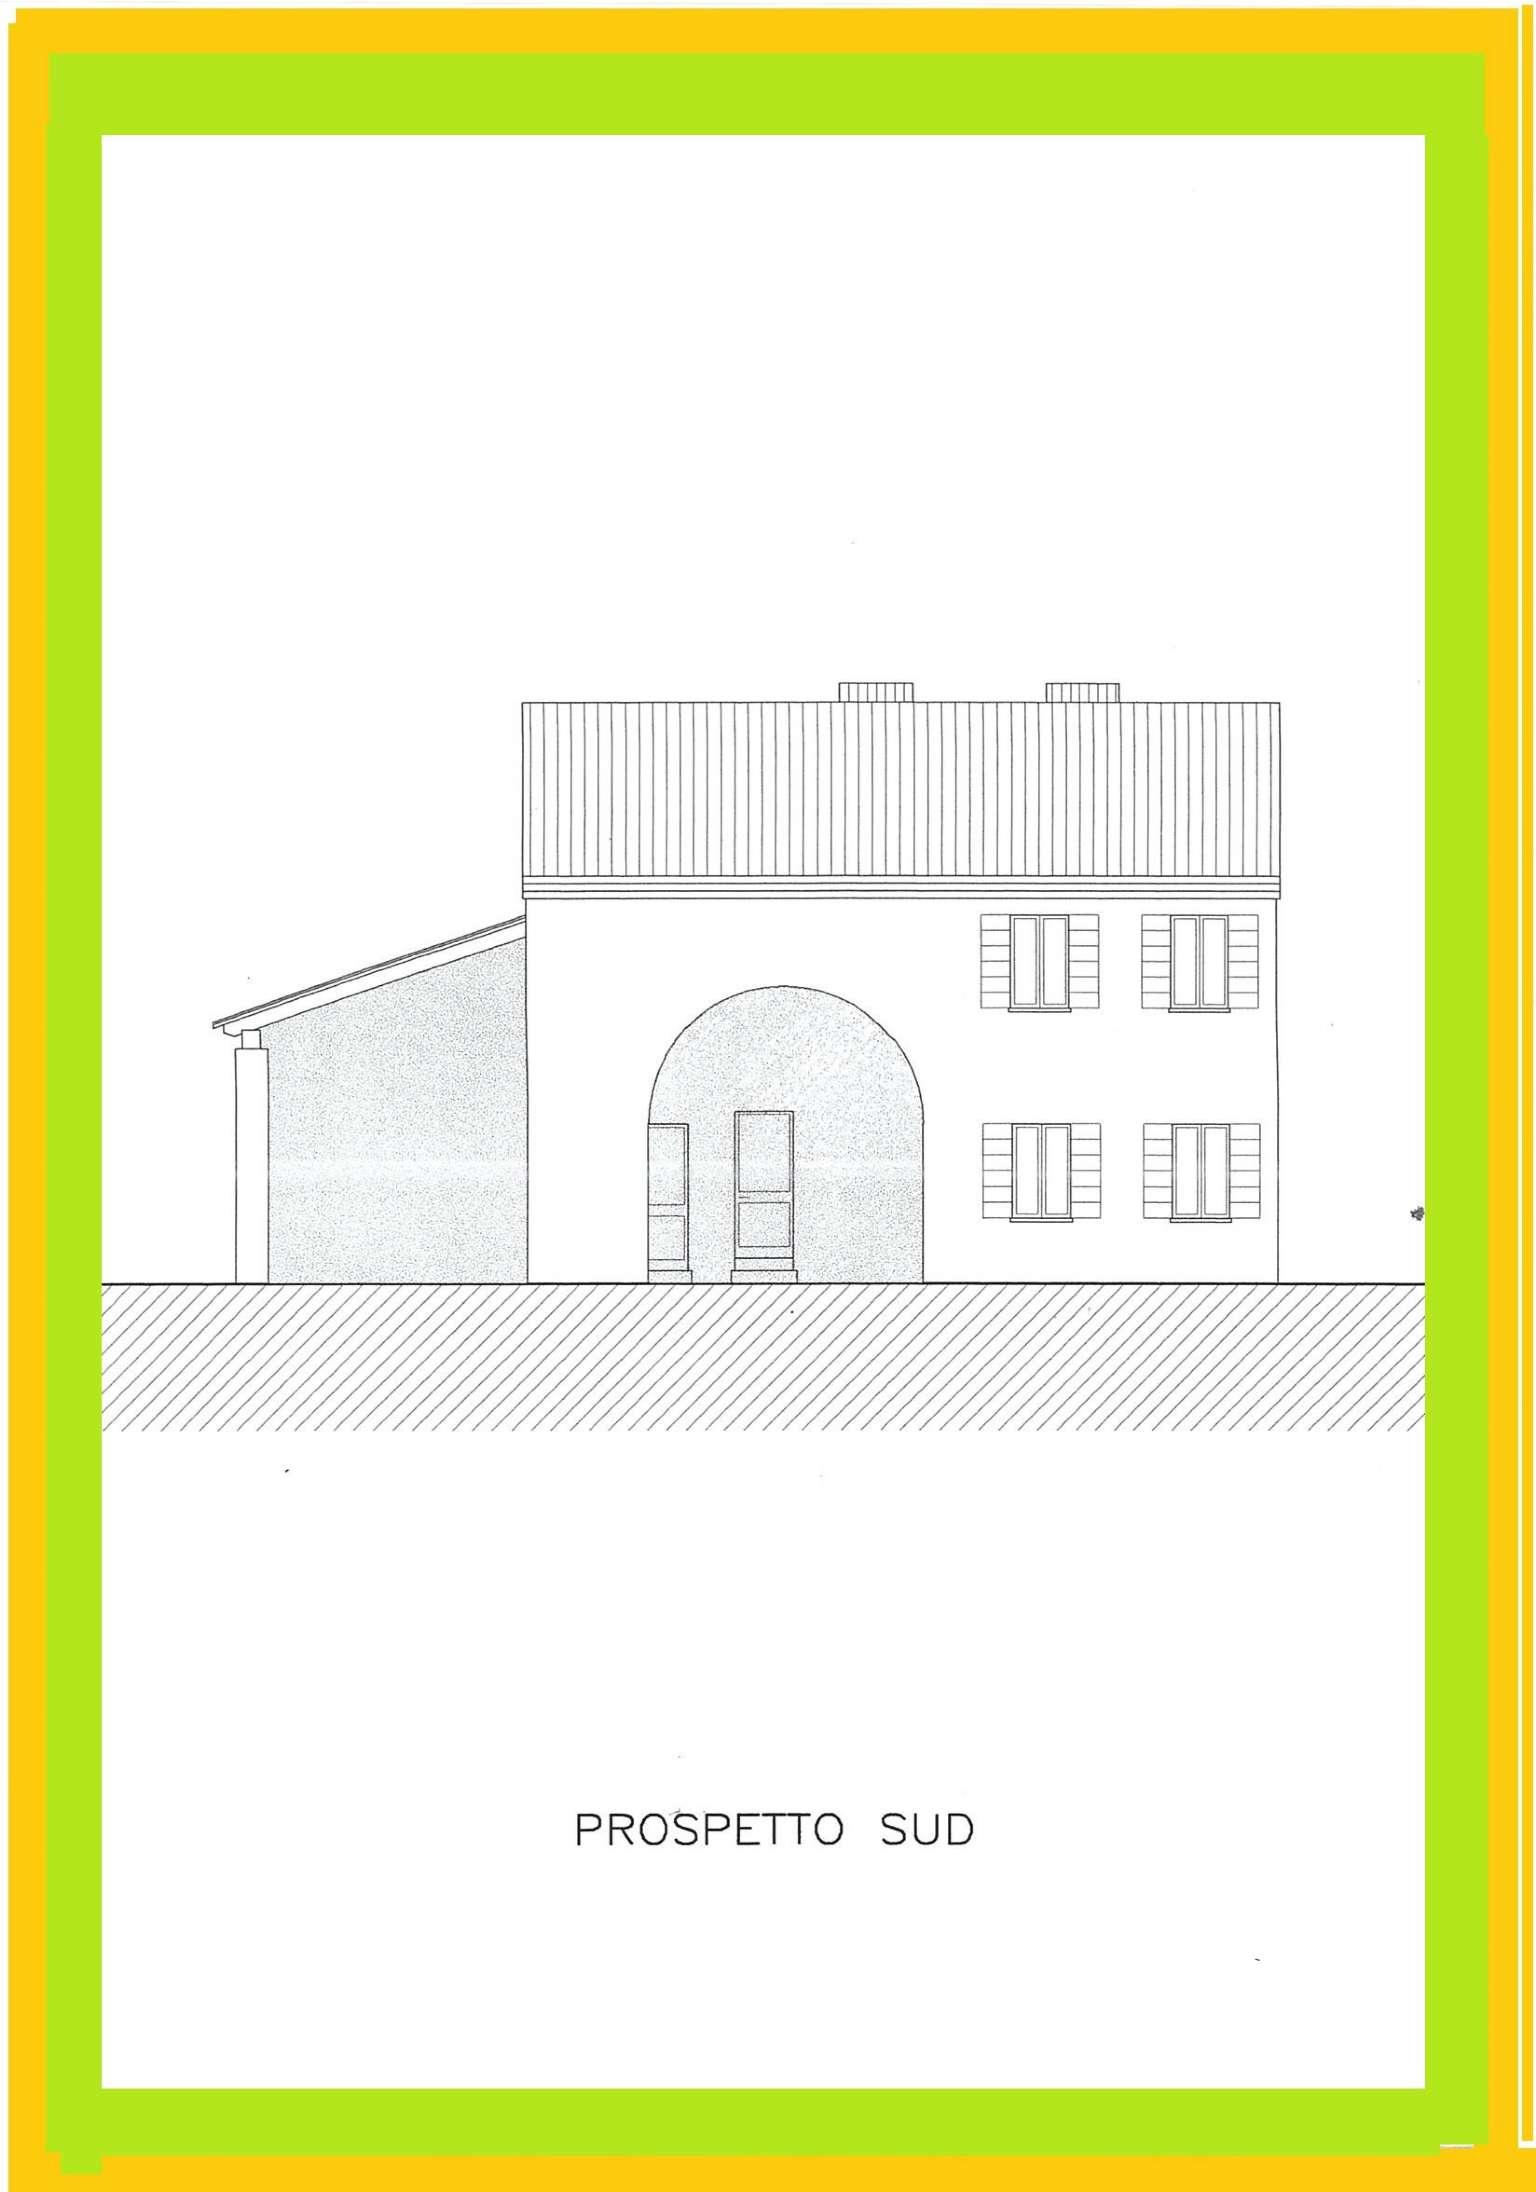 Villa in vendita a Castelfranco Veneto, 6 locali, prezzo € 115.000 | CambioCasa.it